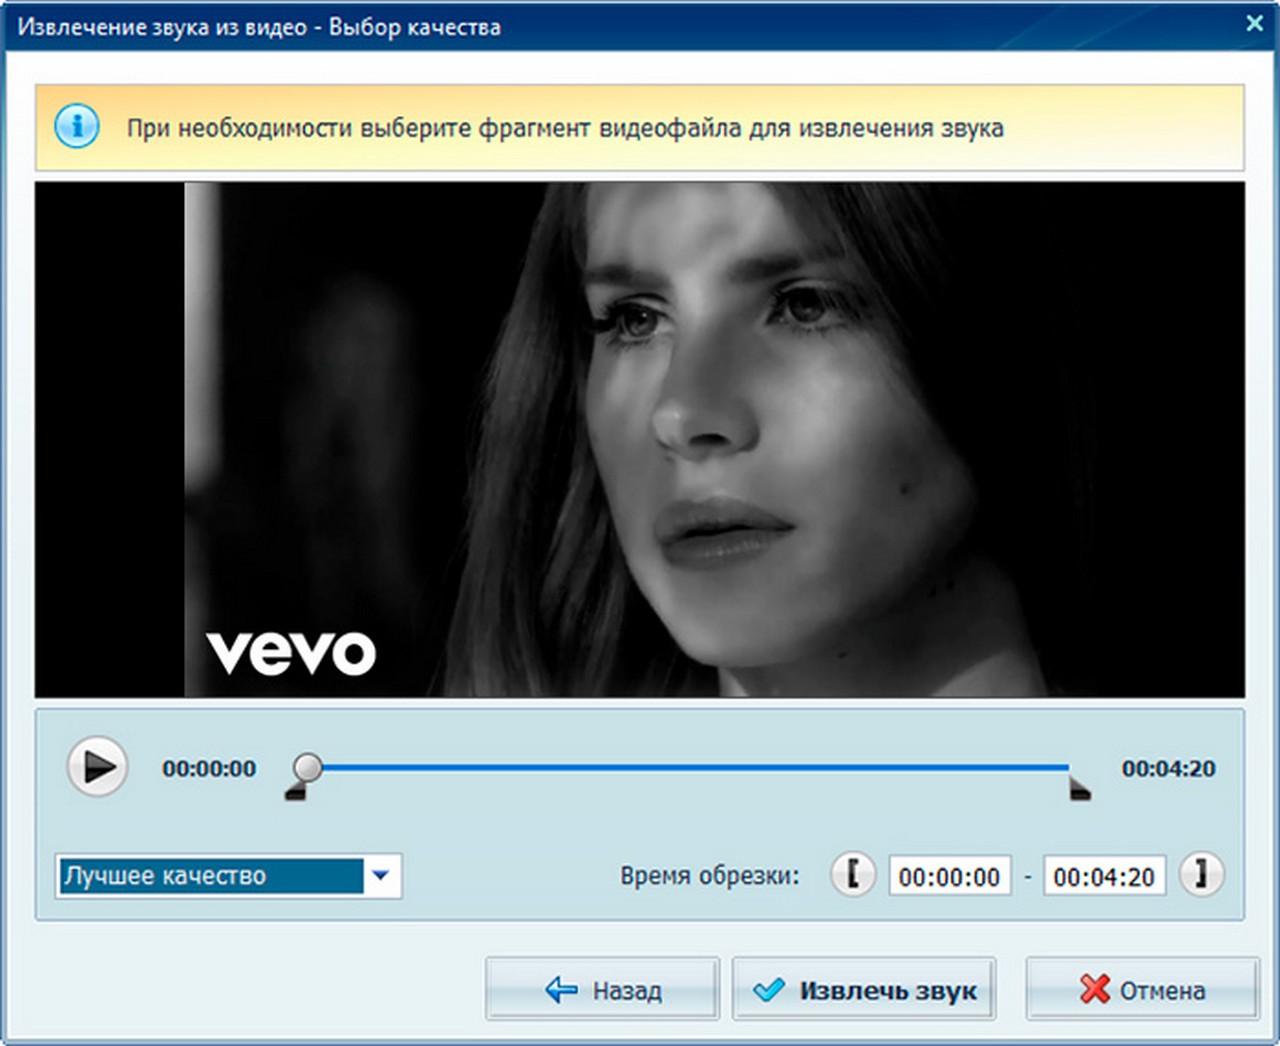 Современные методы извлечения аудиотрека из видео